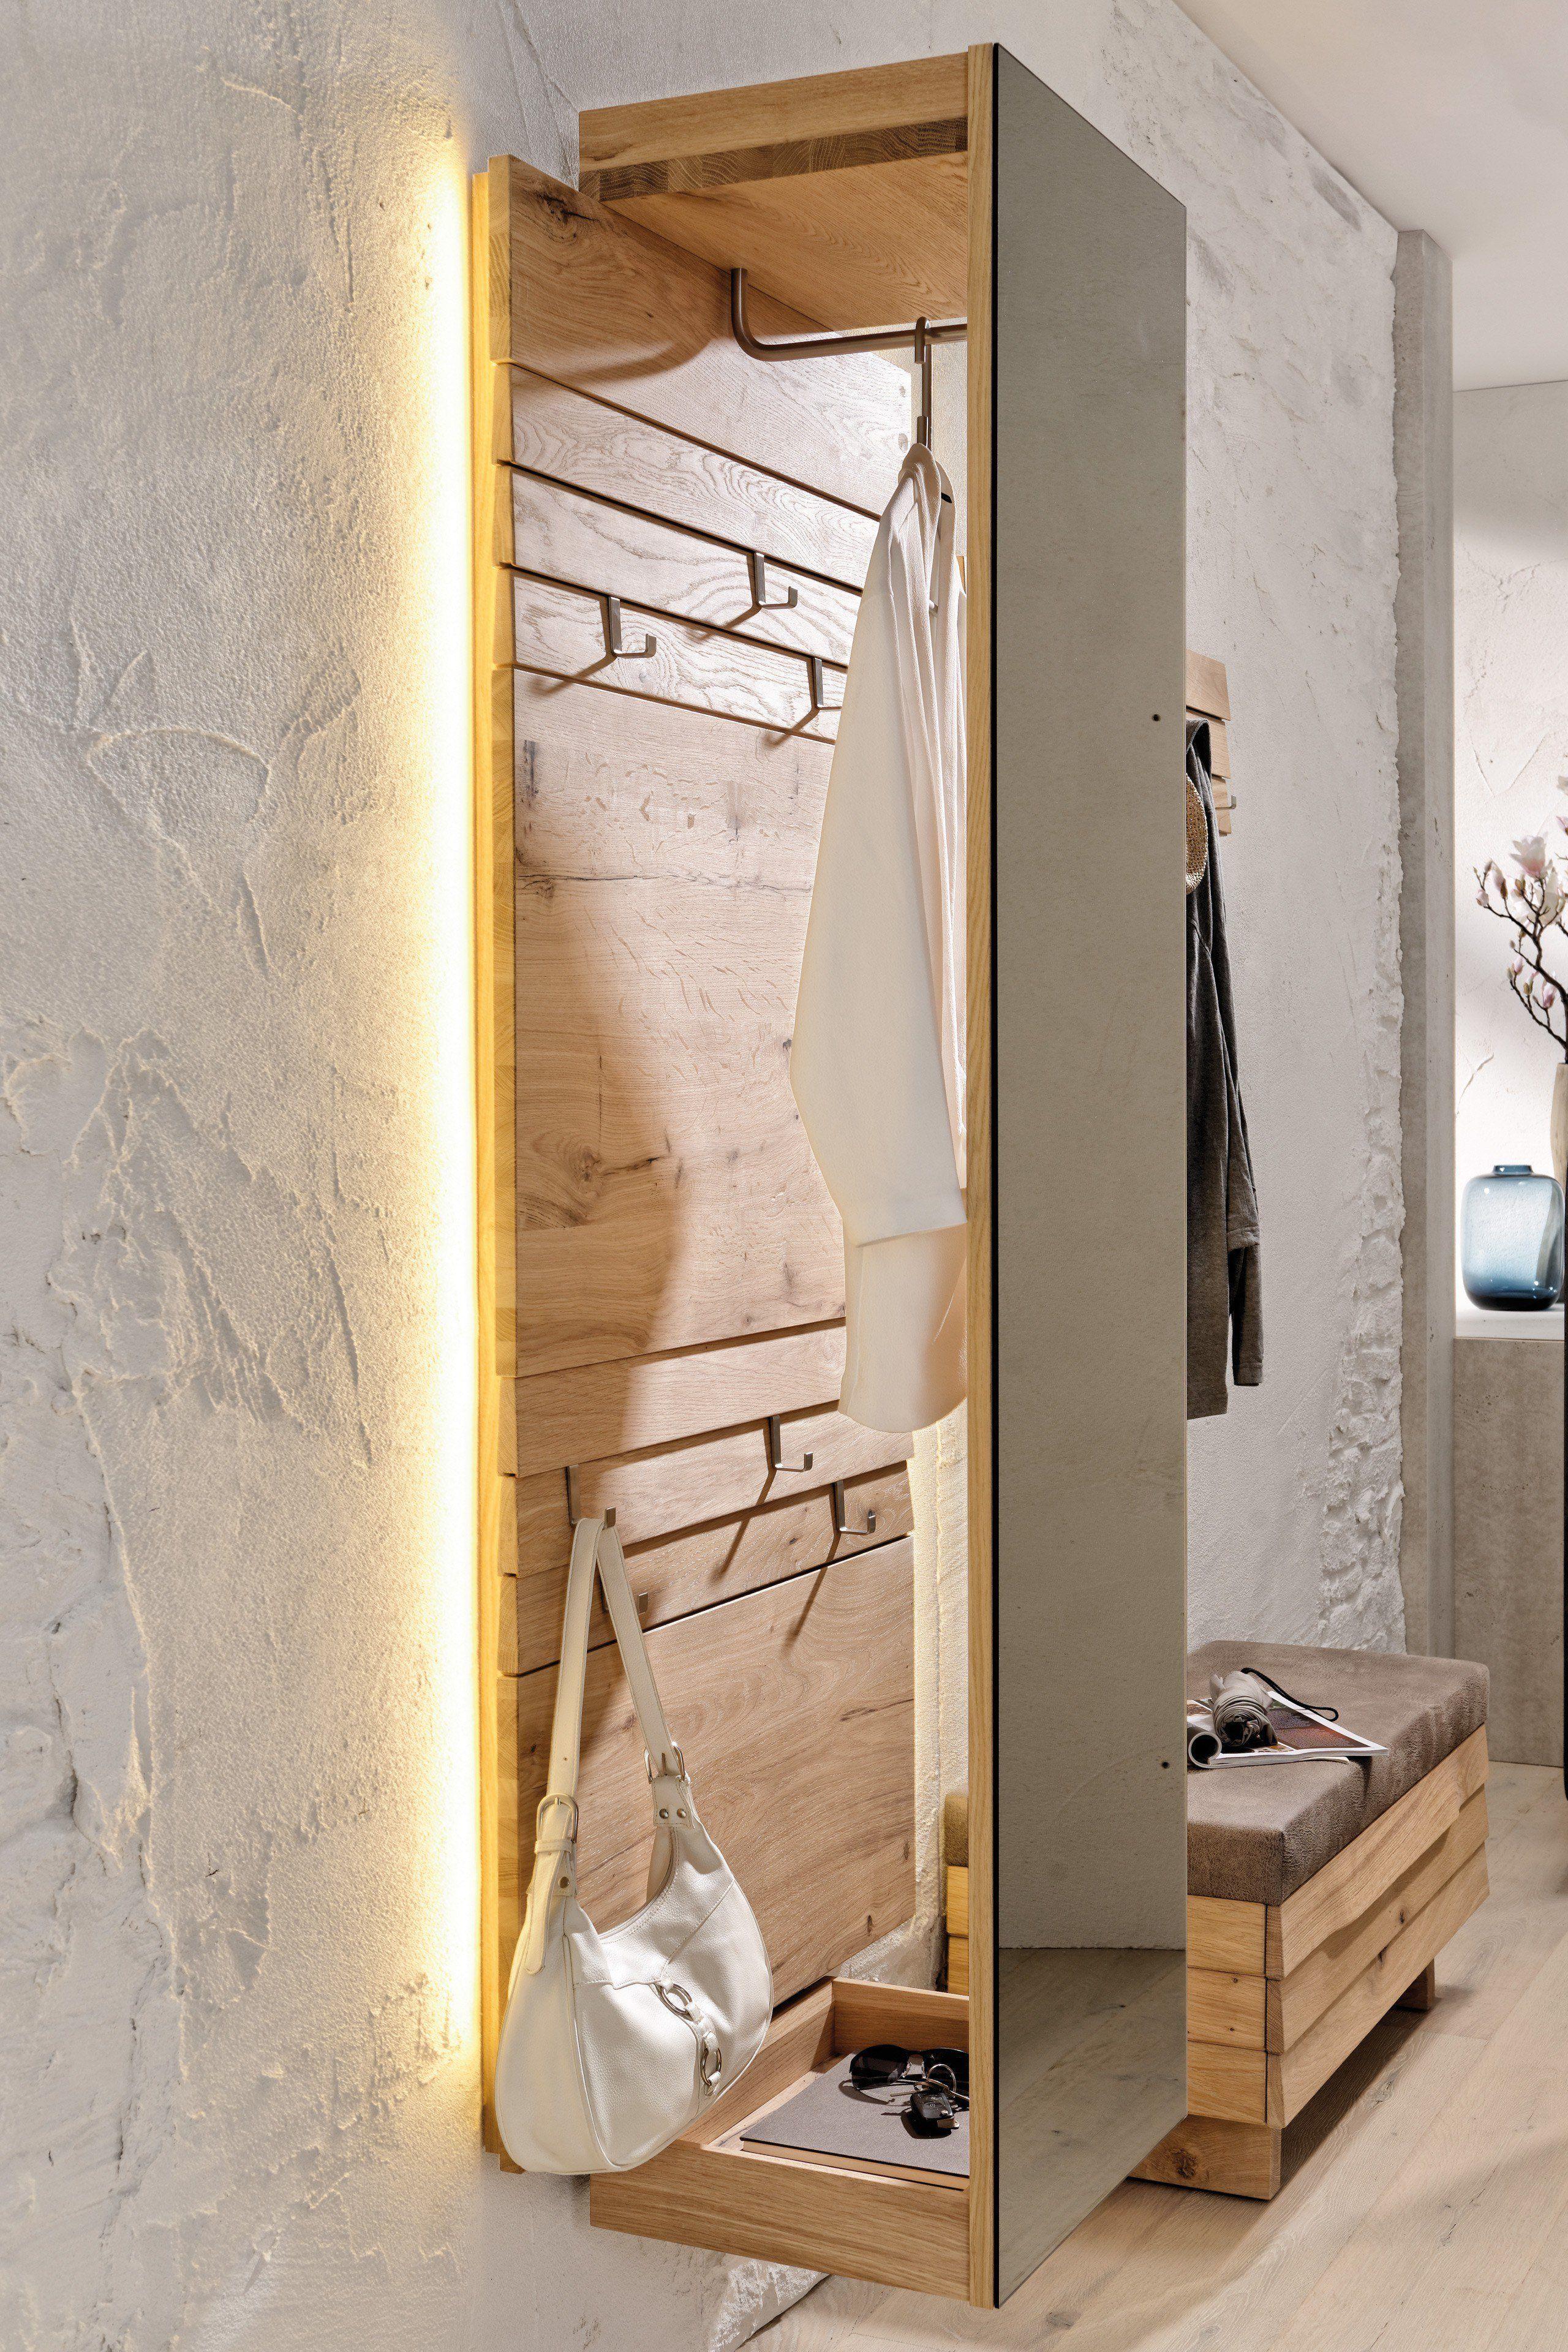 Voglauer Garderobe V Organo In Wildeiche Spiegel Mobel Letz